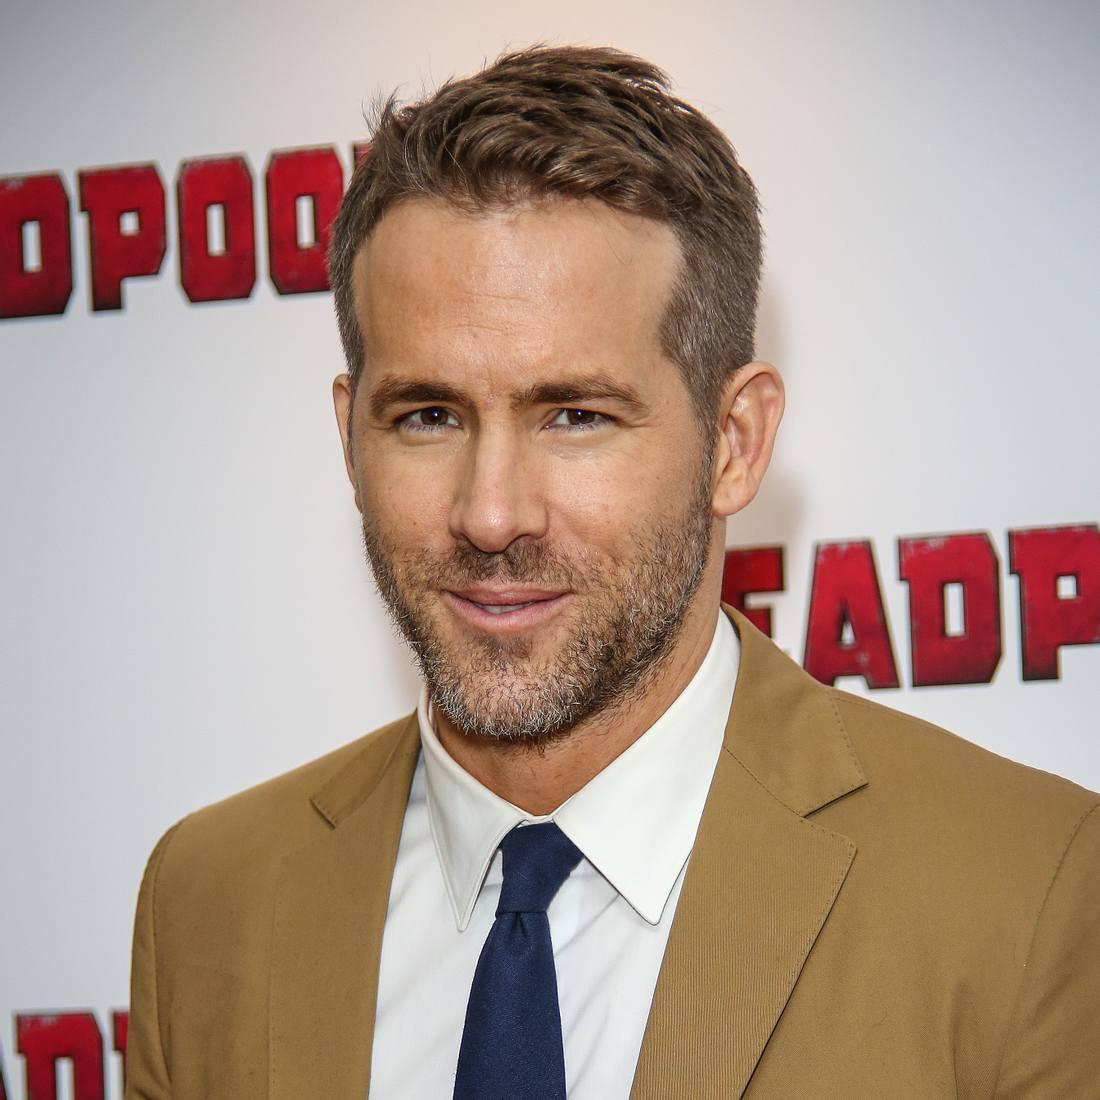 Ryan Reynolds jagte seiner Tochter Angst ein